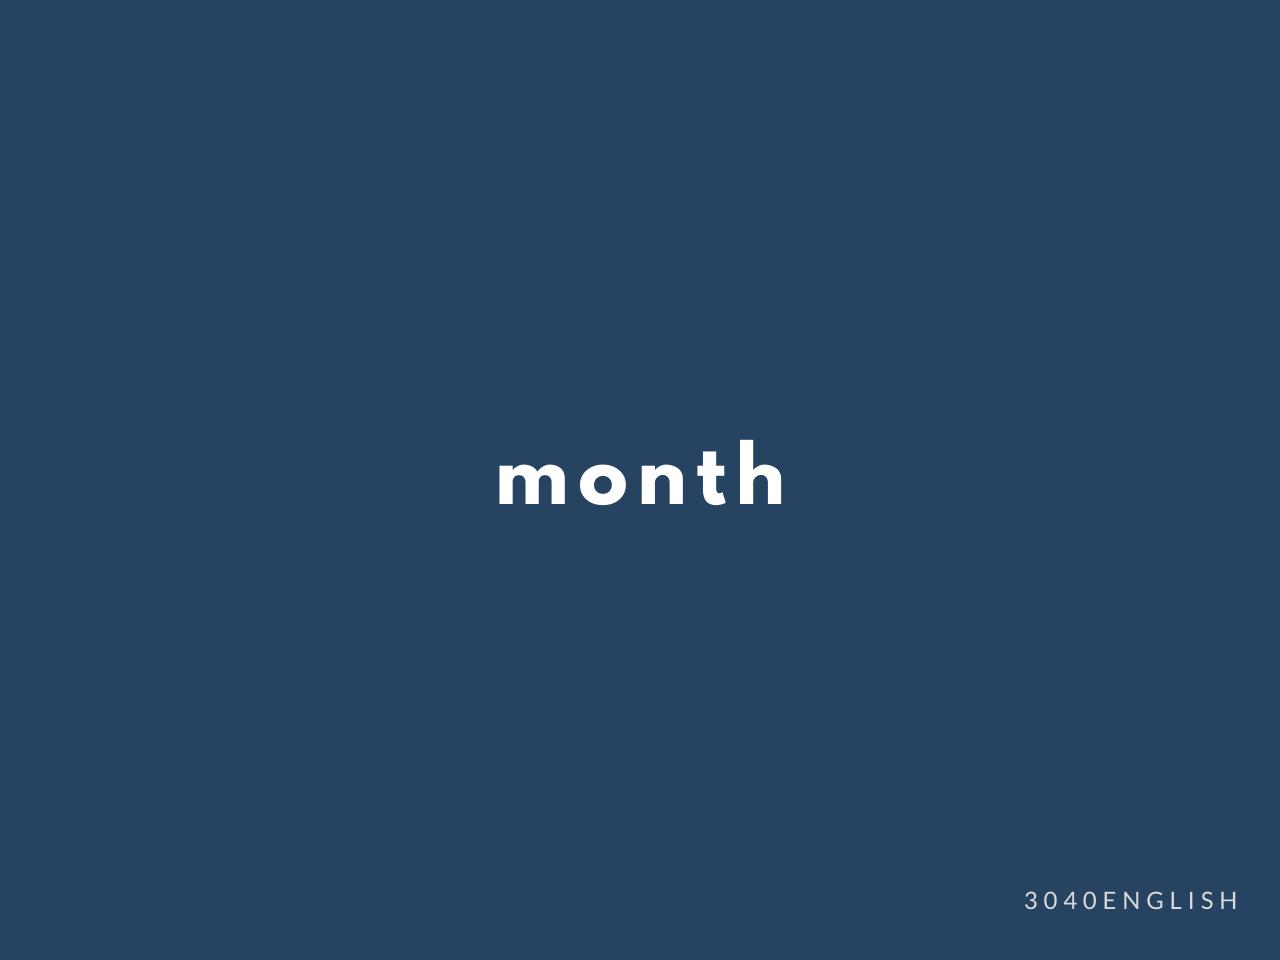 【英語】1月から12月までの単語一覧【英会話用例文あり】